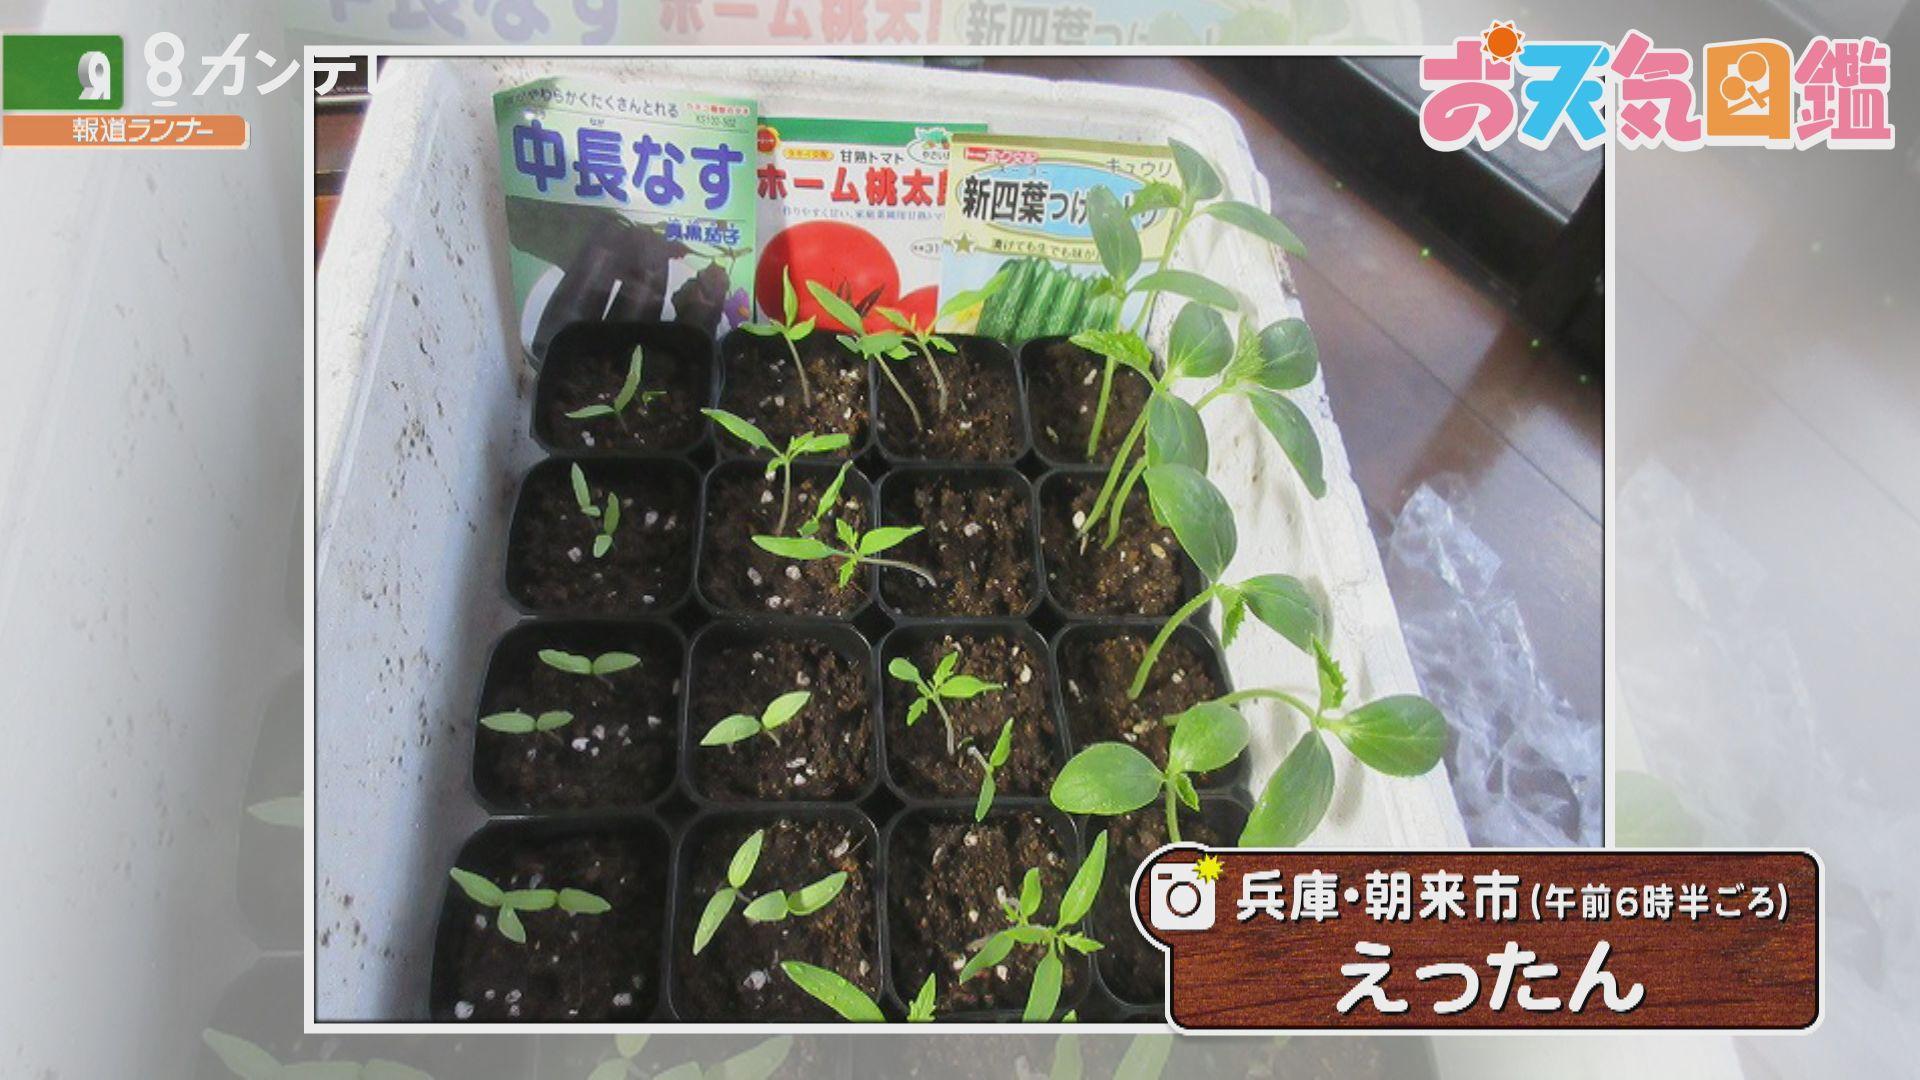 「成長が待ち遠しい!夏野菜の苗」(兵庫・朝来市)